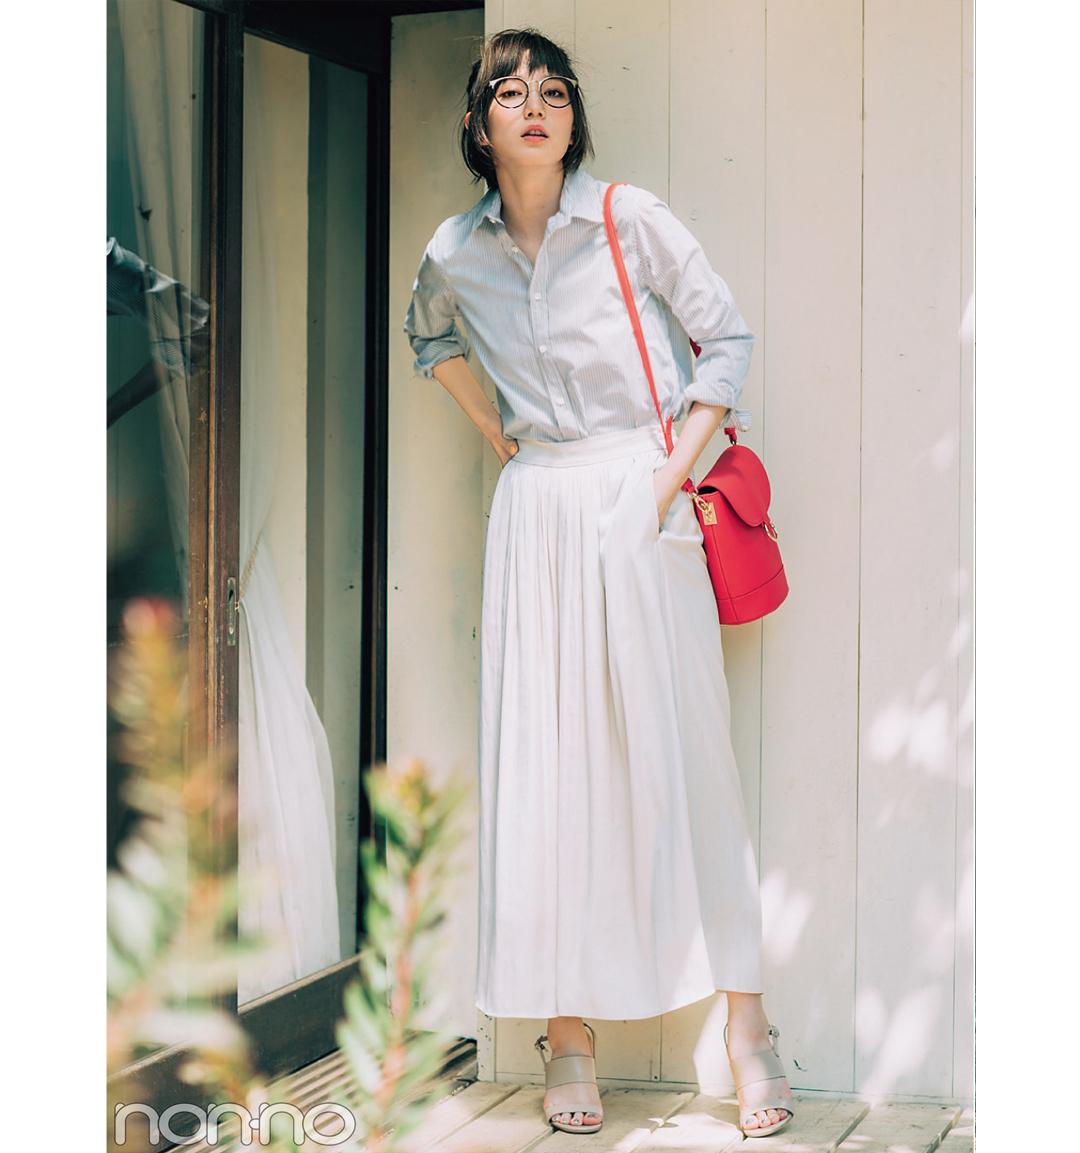 本田翼のスカーチョ着回し3スタイル★カジュアルも大人っぽも、こう着るのが正解!_1_4